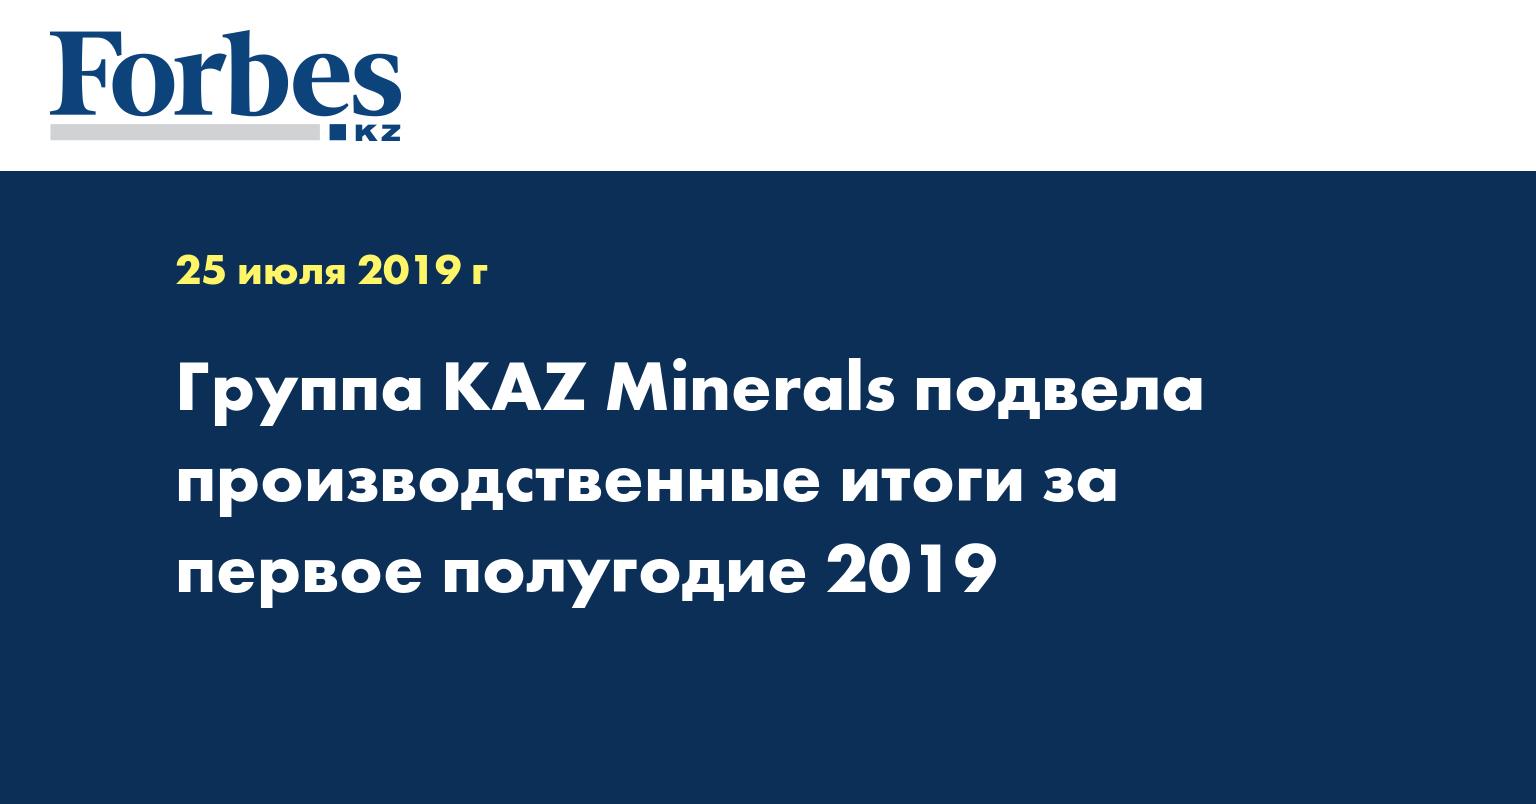 Группа KAZ  Minerals подвела производственные итоги за первое полугодие 2019